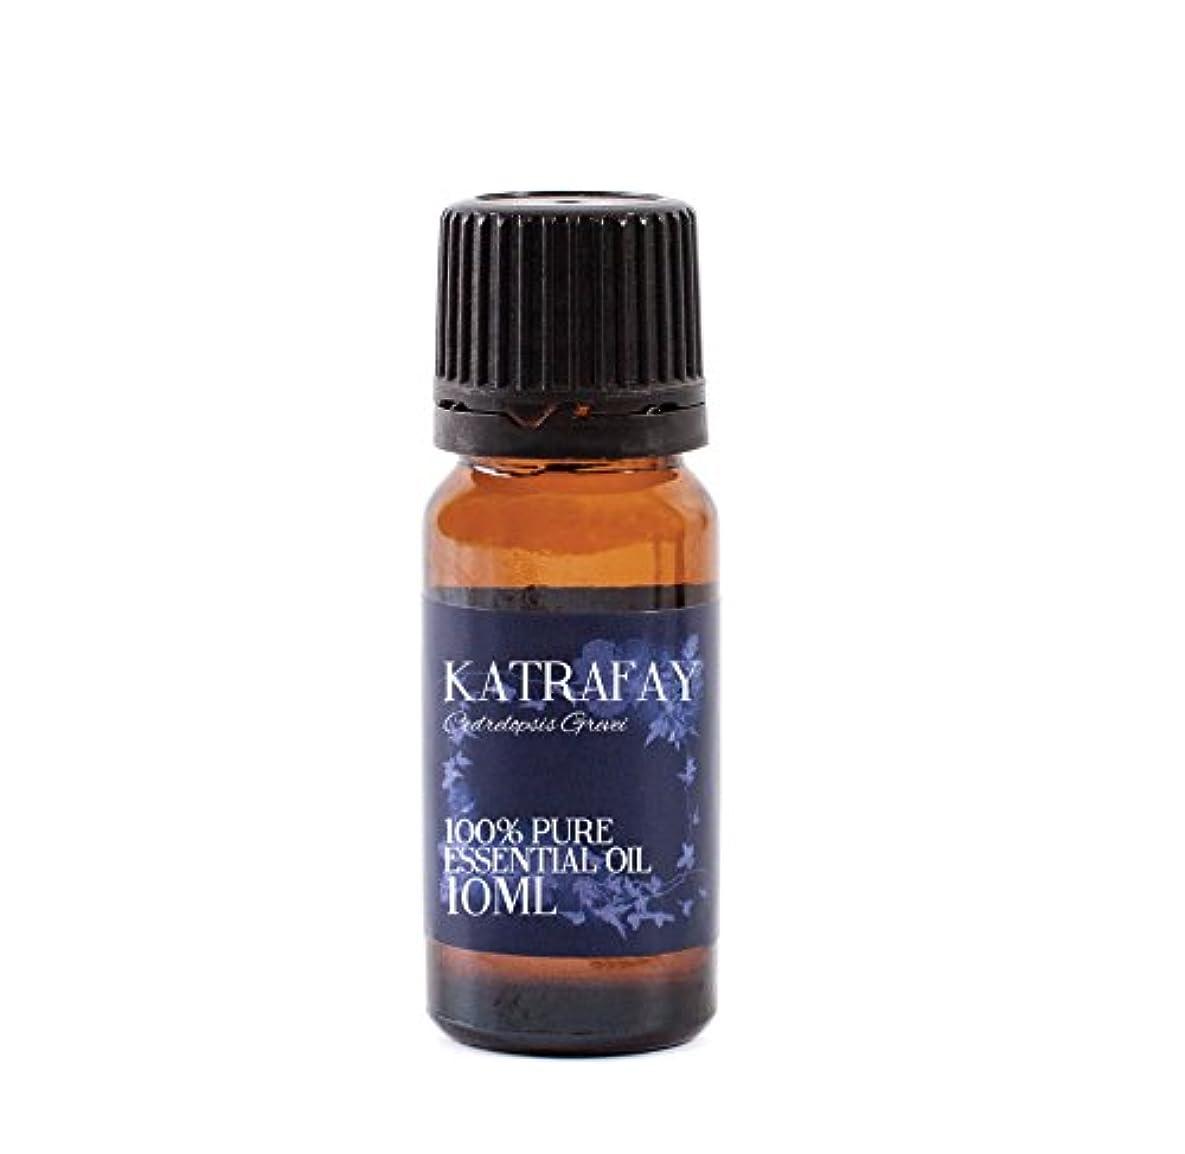 閉じる弓魅力的であることへのアピールMystic Moments   Katrafay Essential Oil - 10ml - 100% Pure